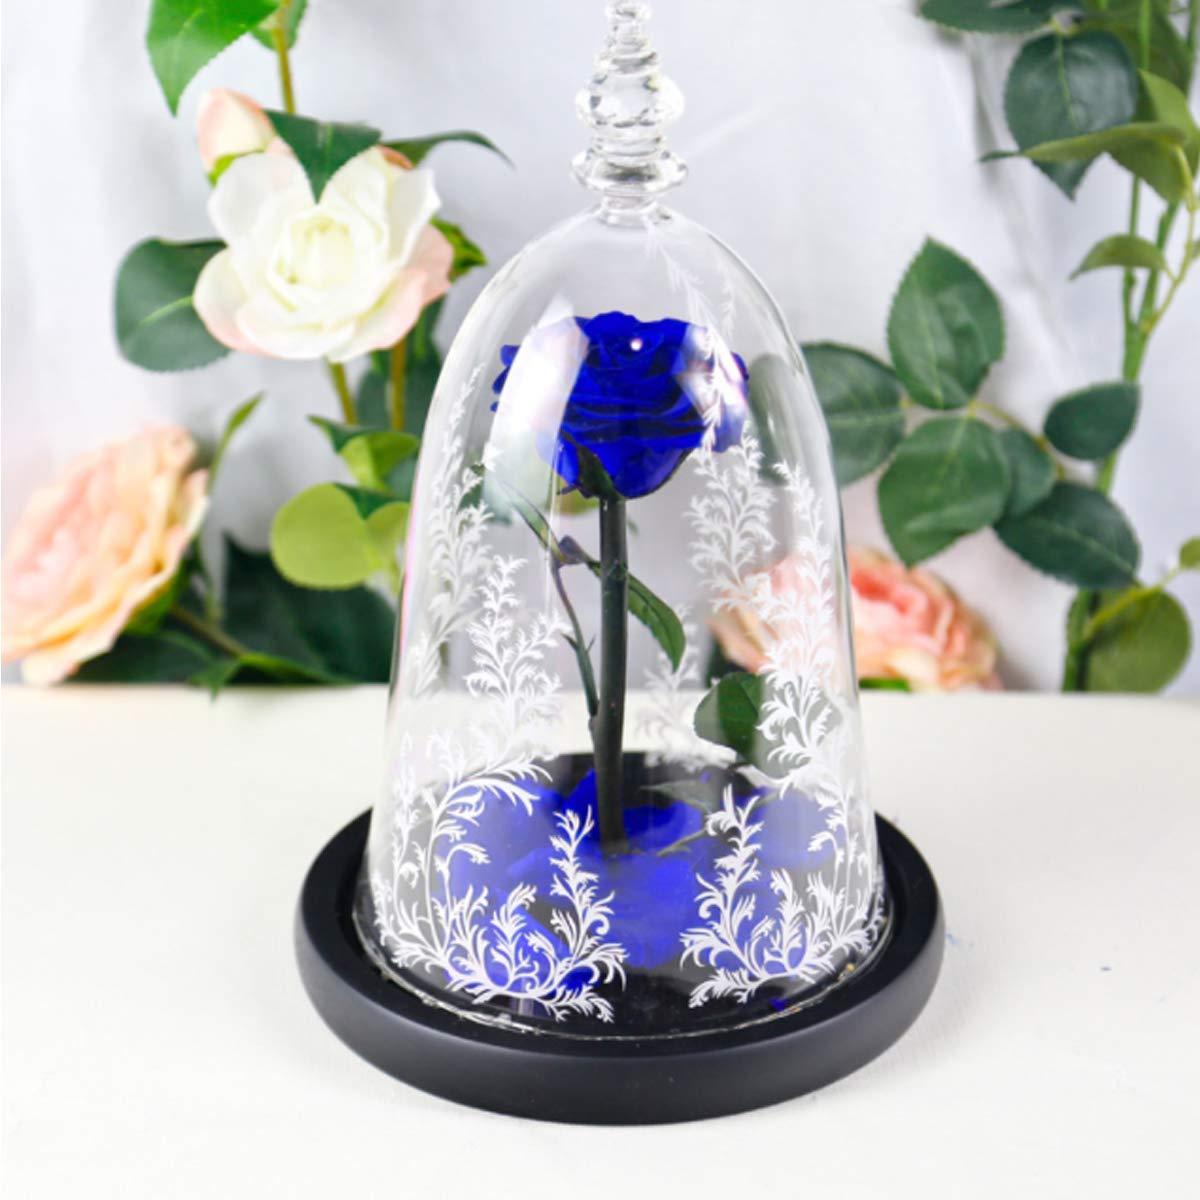 6 стилей,, свежие цветы красавицы и чудовища, красные вечные розы в стеклянном куполе, Рождественский подарок на день Святого Валентина, Прямая поставка - Цвет: Dark blue rose